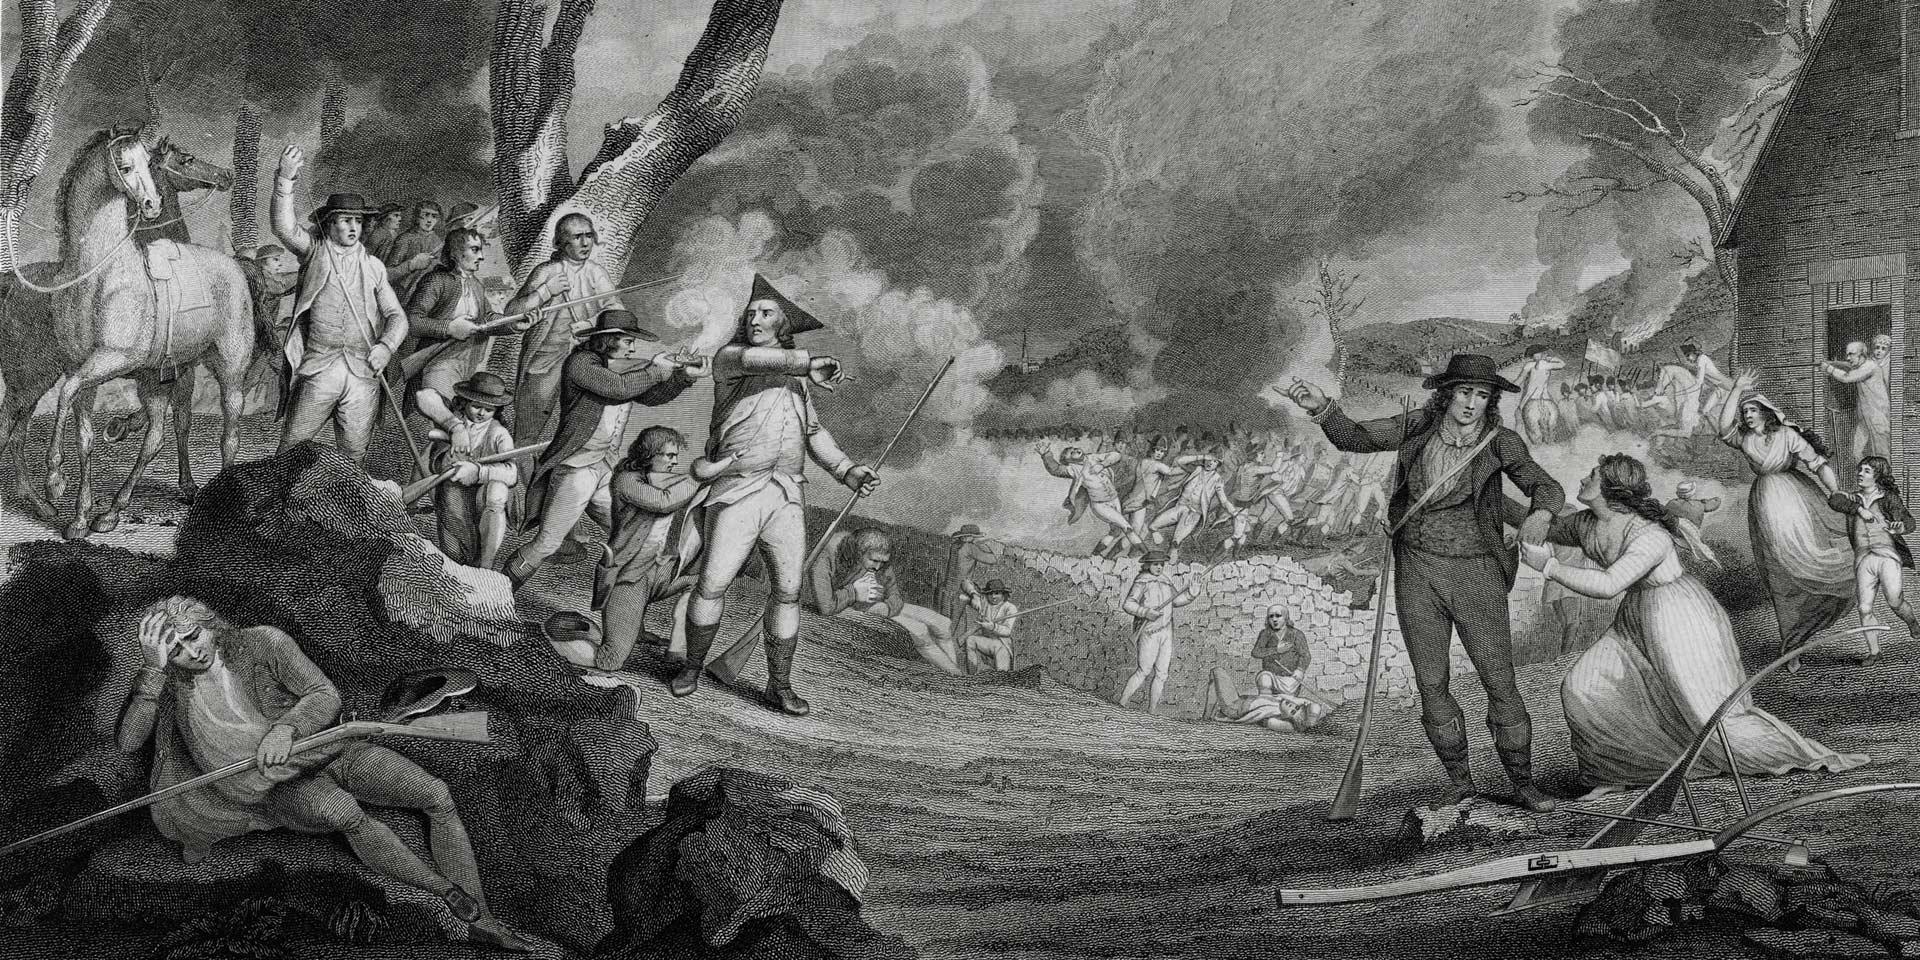 The Battle of Lexington, 19 April 1775